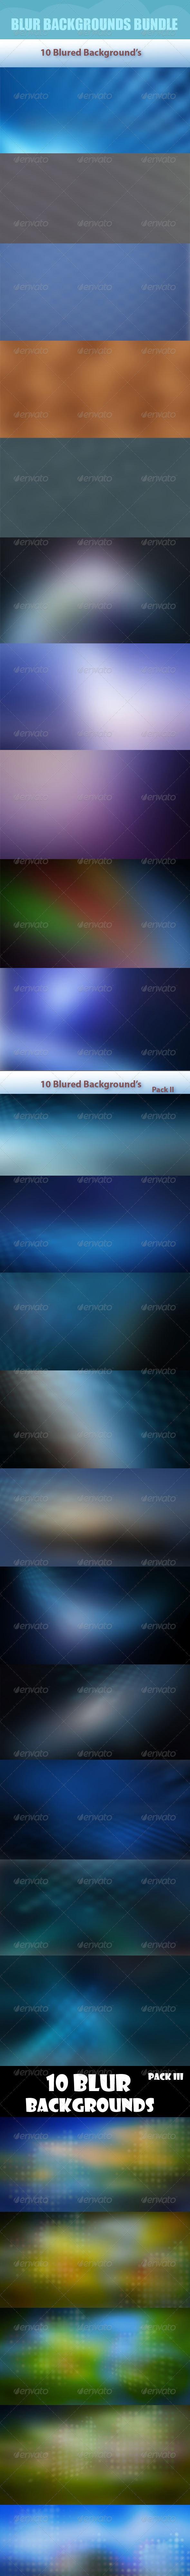 Blur Backgrounds Bundle